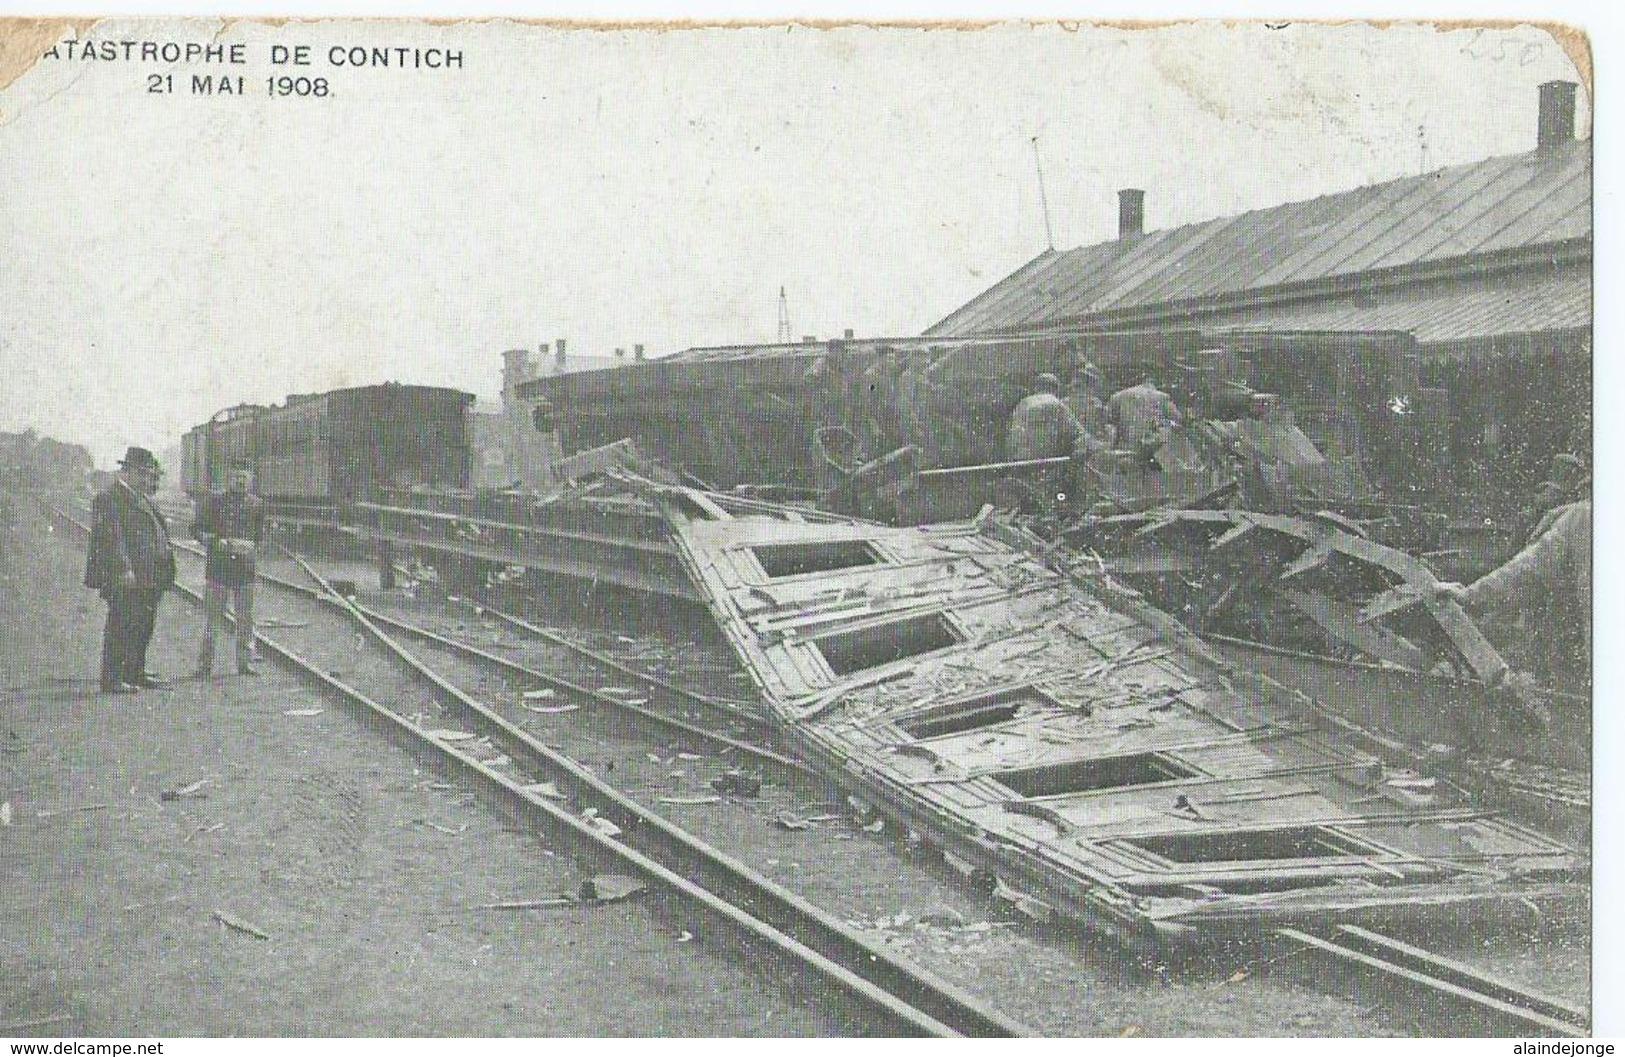 Kontich - Contich - Catastrophe De Contich 21 Mai 1908 - EDN - Kontich